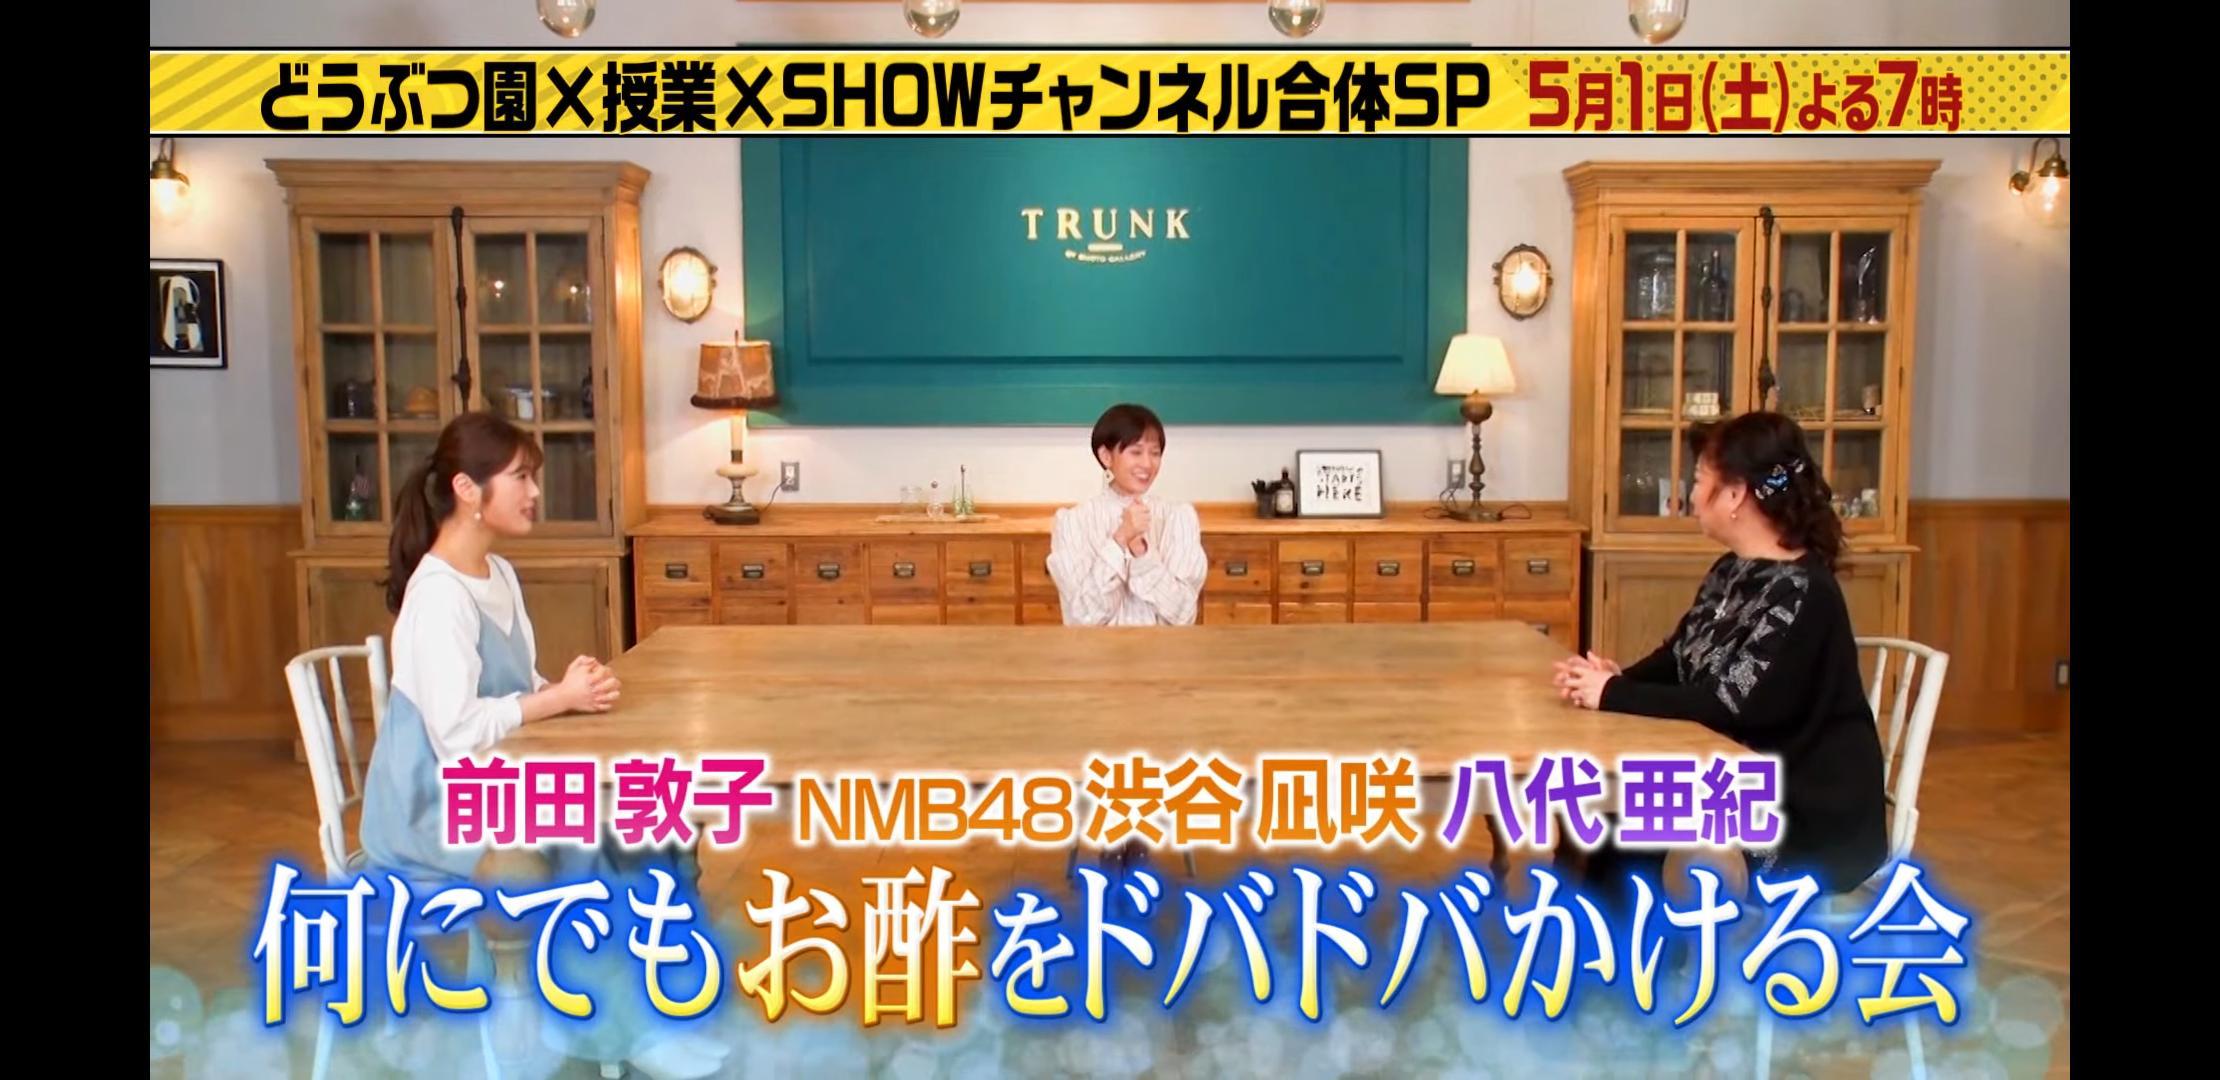 【渋谷凪咲】5月1日の「1億3000万人のSHOWチャンネル」になぎさが出演